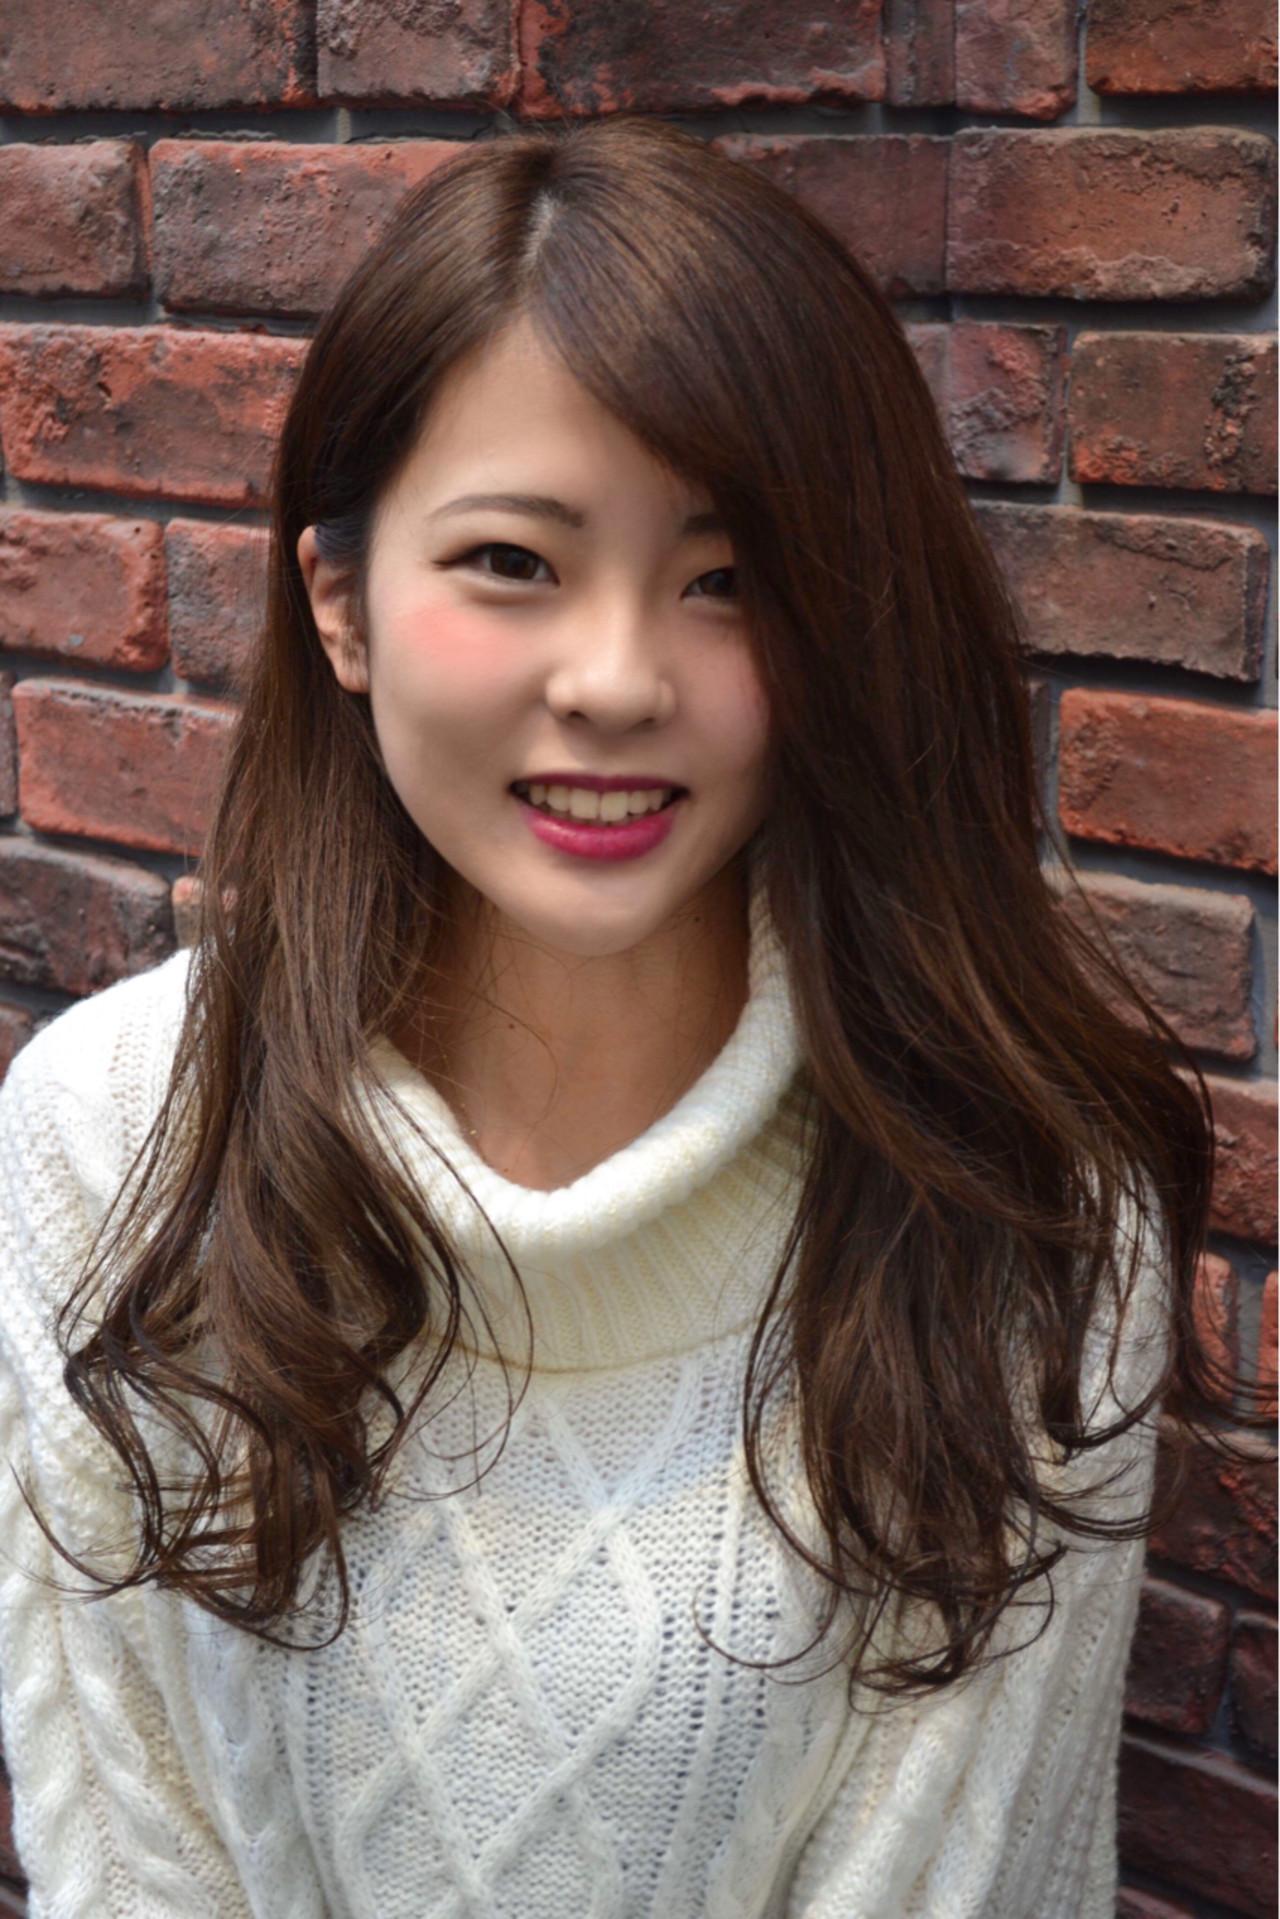 冬にぴったりのモテ髪カラー♡アッシュブラウン 田島 史也 Liberty 福岡 天神